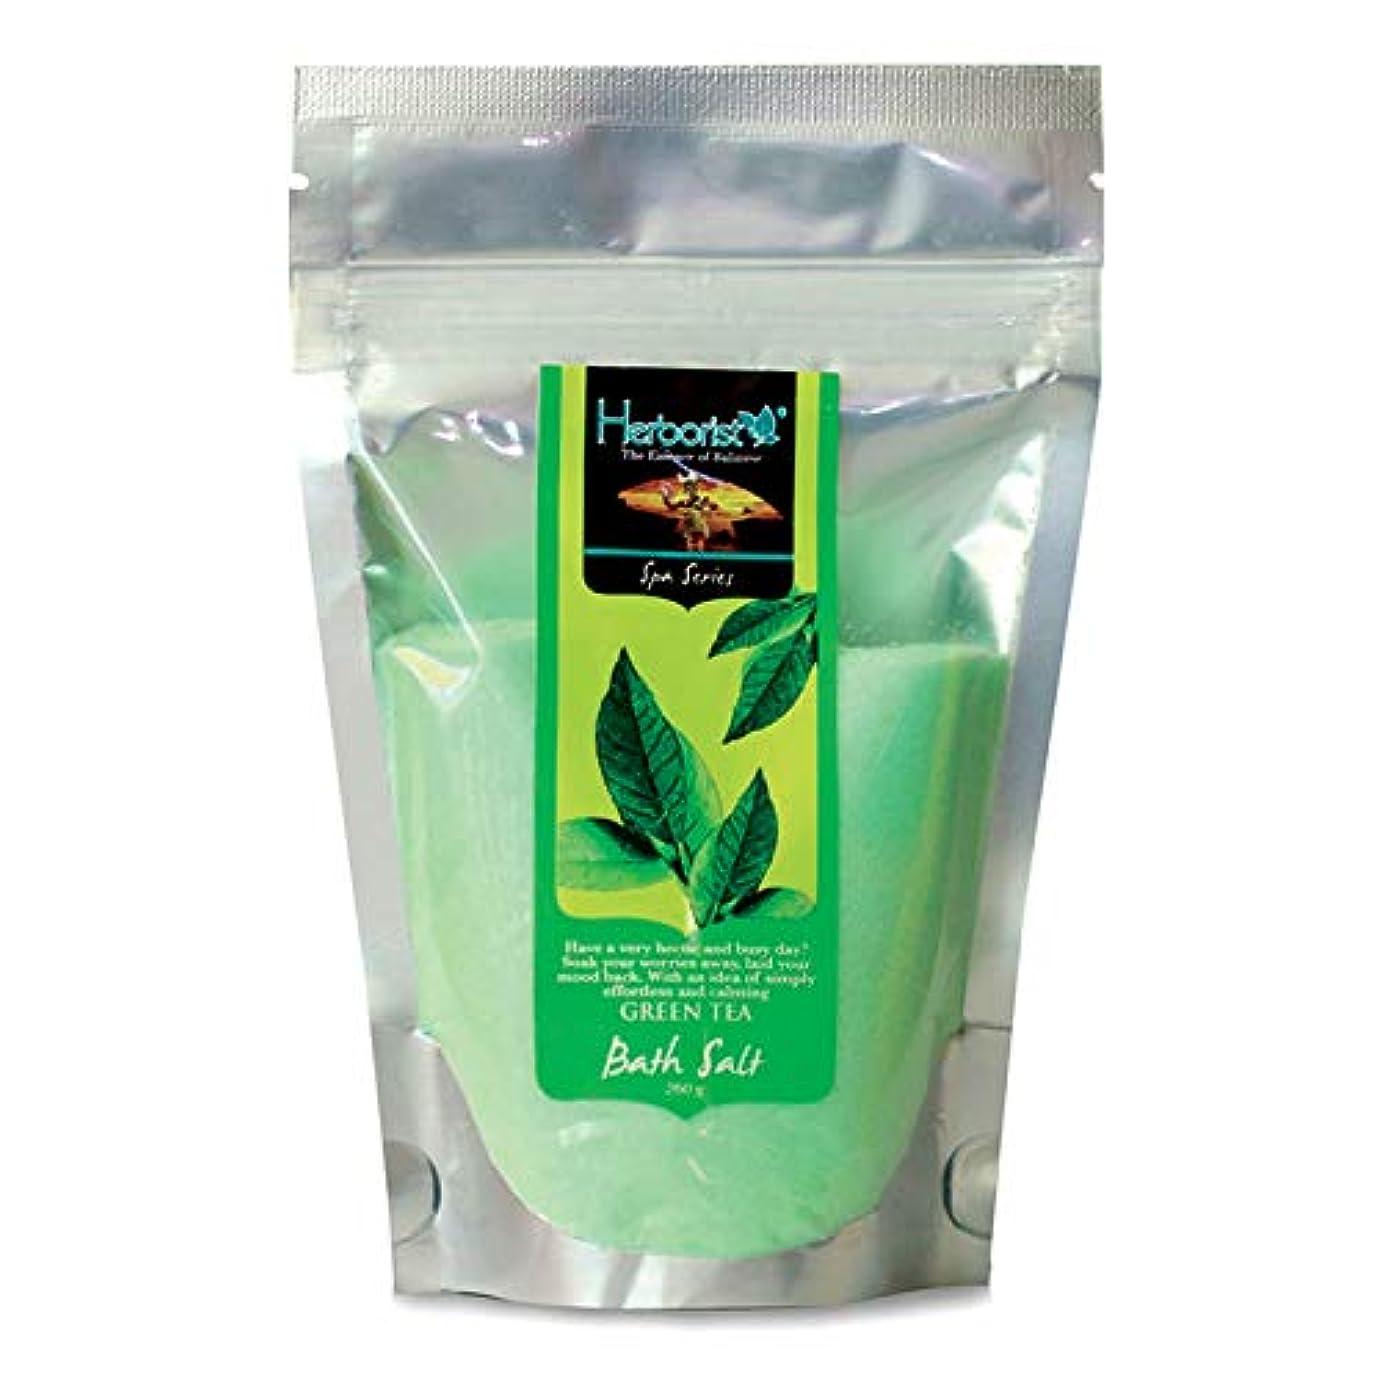 ブルジョン出血スペインHerborist ハーボリスト Bath Salt バスソルト バリ島の香り漂う入浴剤 250g Green Tea グリーンティー [海外直送品]